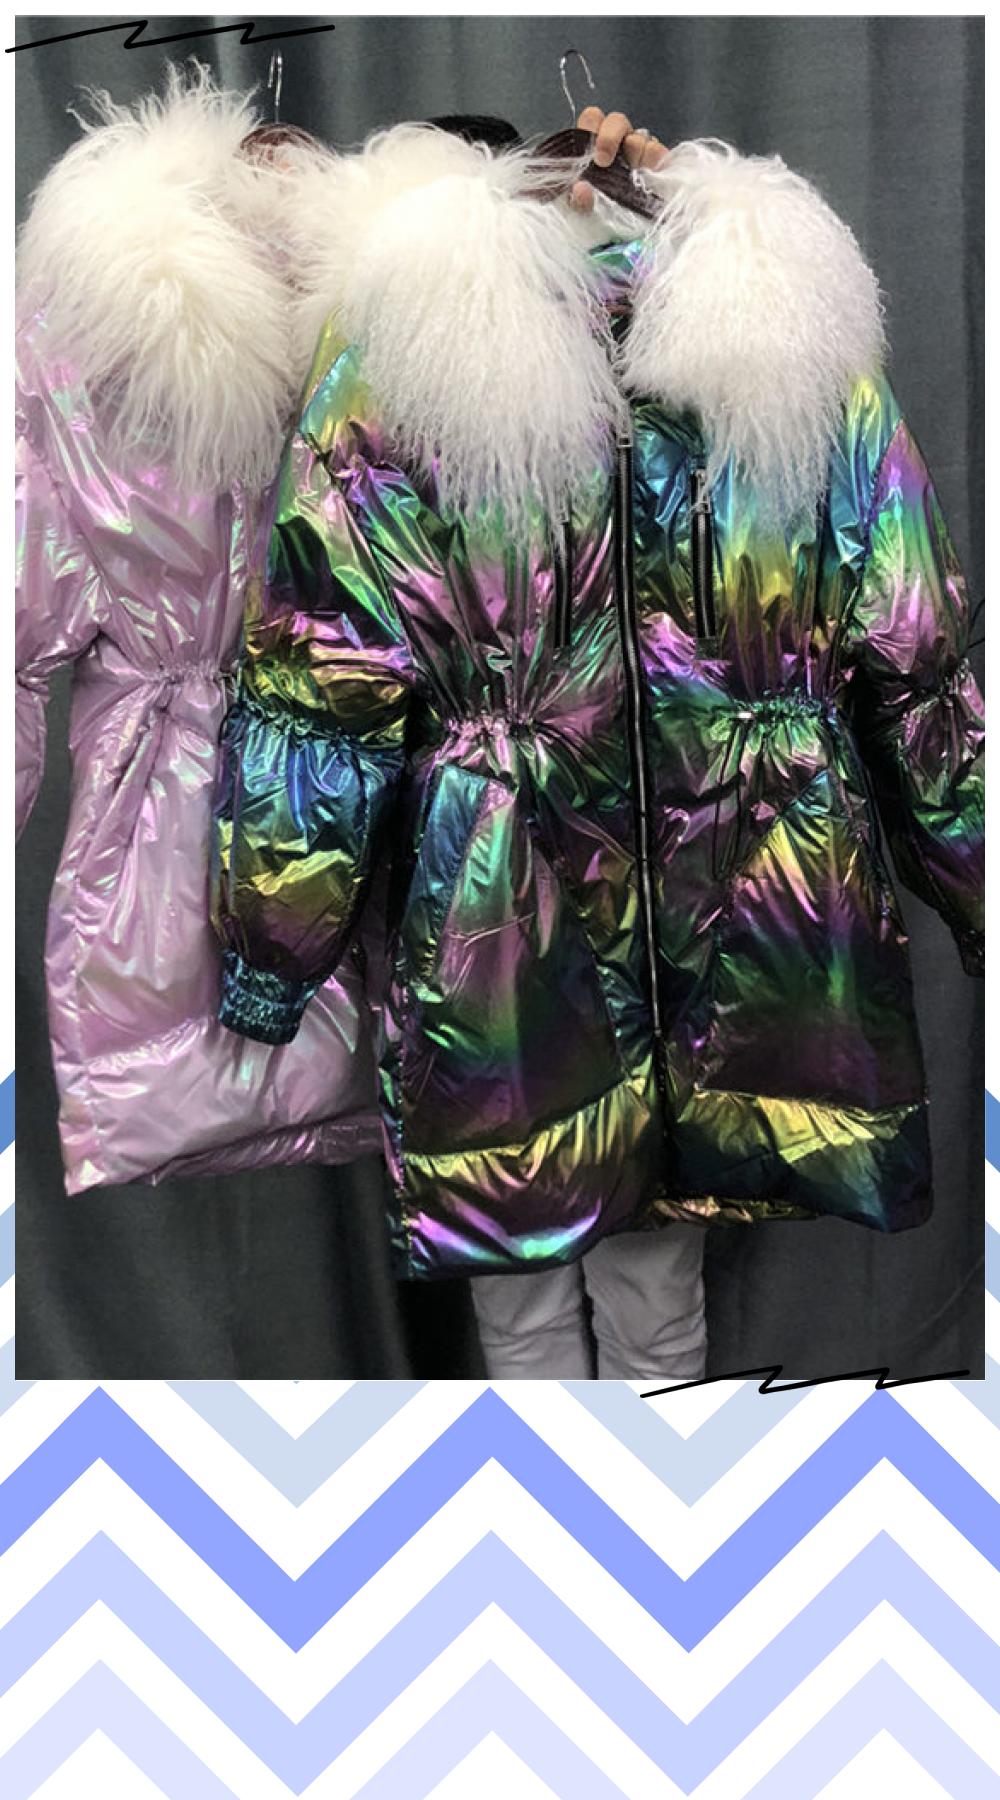 Товар на Quiddi.ru #куртка С чем носить кожаную куртку #Косуха короткая  с мехом  Бордовая Эстетика Фэшн Тренд Кожа Роспись куртка с джинсами #кожаная кожанная весна #aliexpress #алиэкспресс